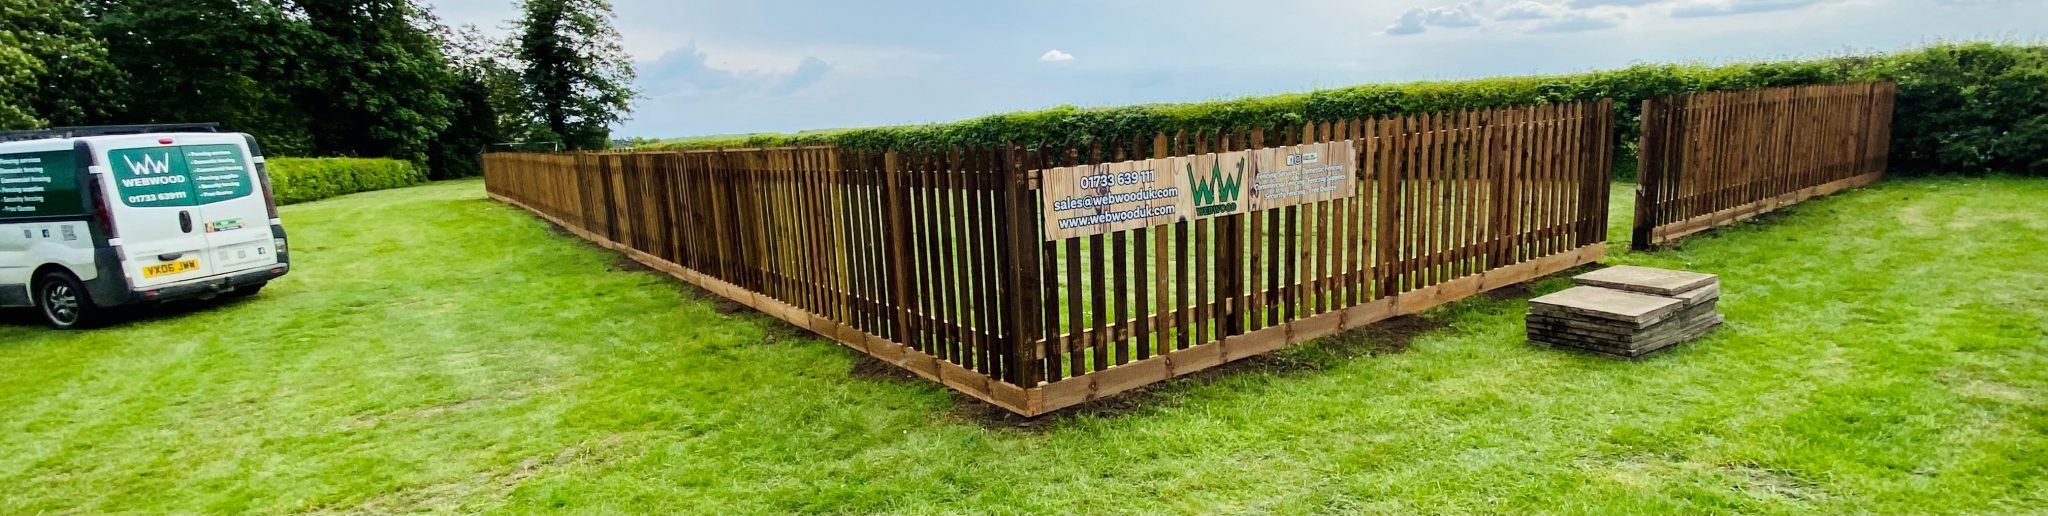 picket fencing enclosure for pub 2